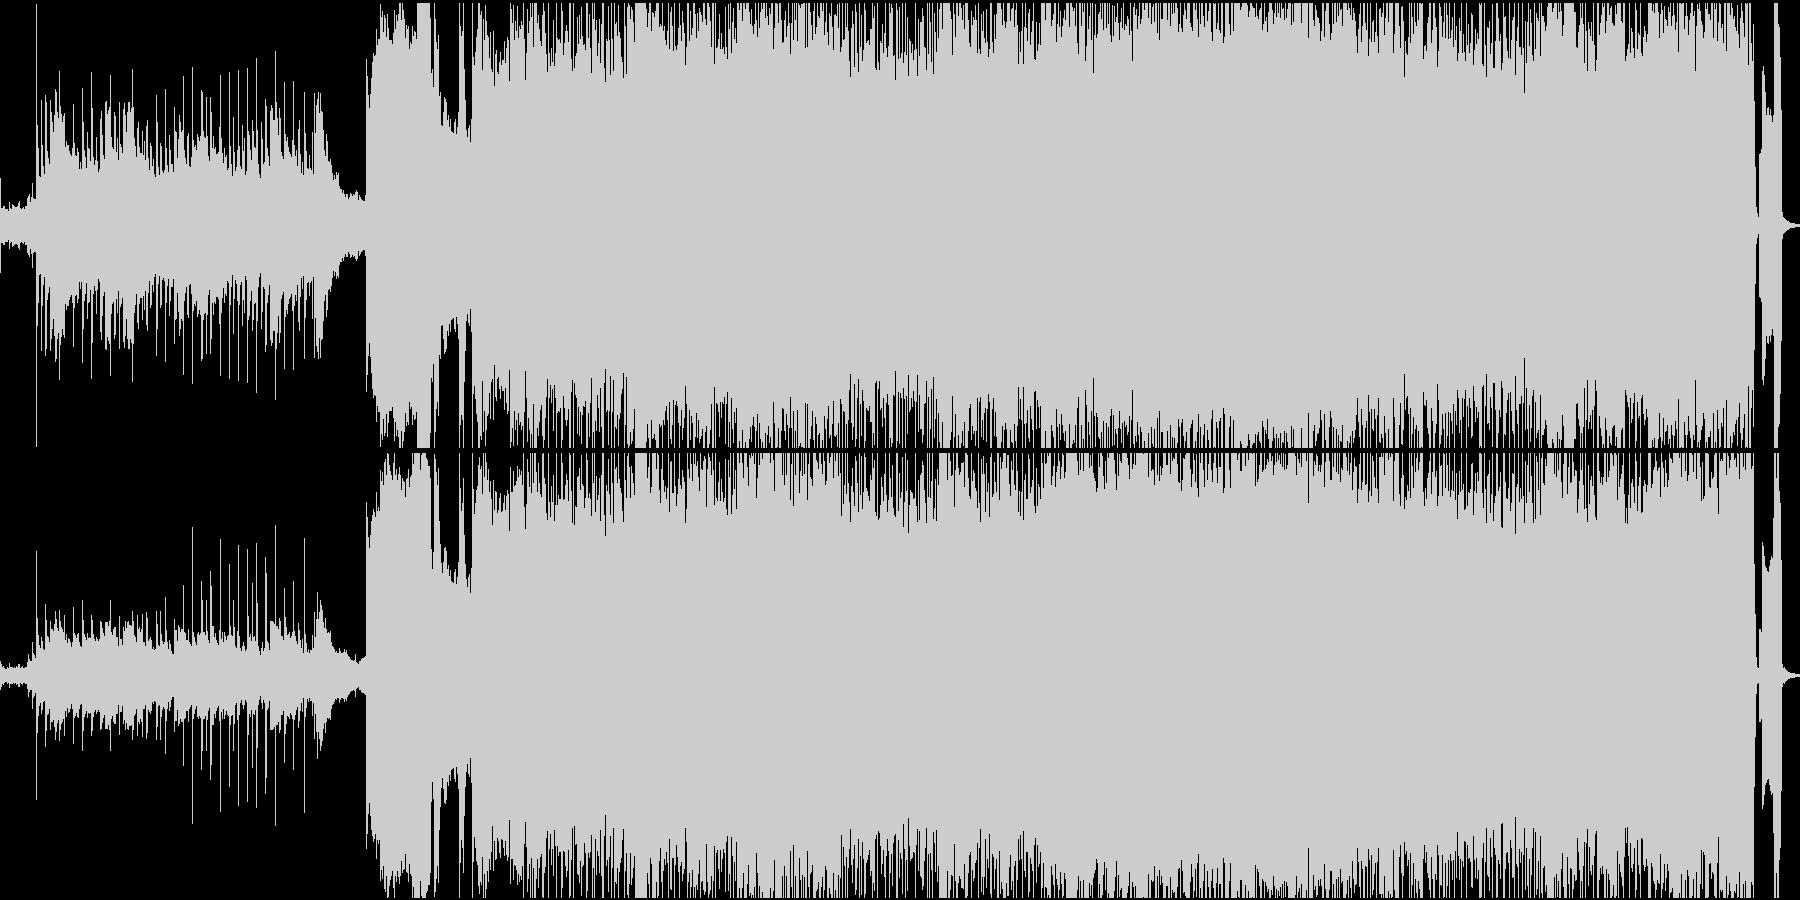 パンク感のあるロックバンドサウンドの未再生の波形